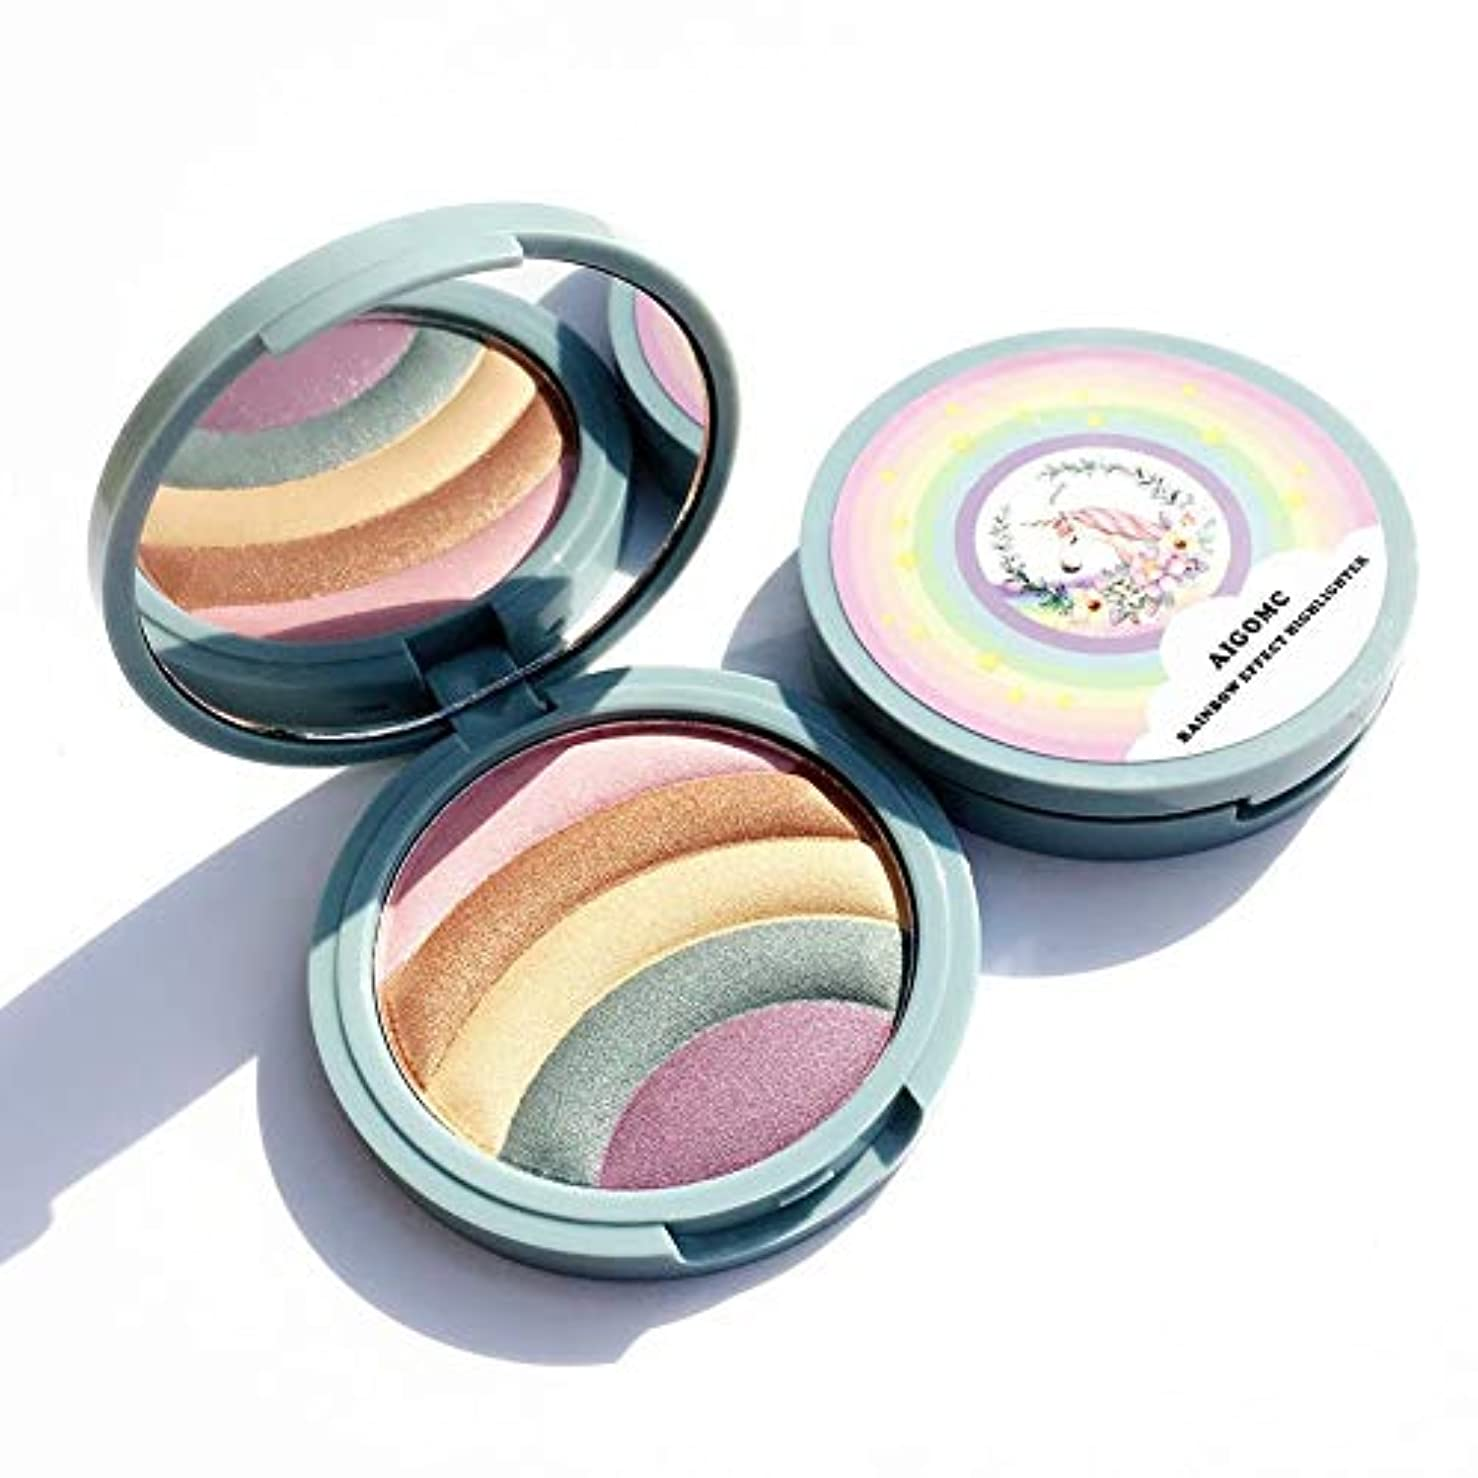 不良記念品エーカーBrill(ブリーオ)最高のプロアイシャドウマットパレットメイクアイシャドウプロフェッショナル完璧なファイル暖かいナチュラルニュートラルスモーキーパレットアイメイクアップシルキーパウダー化粧品5色